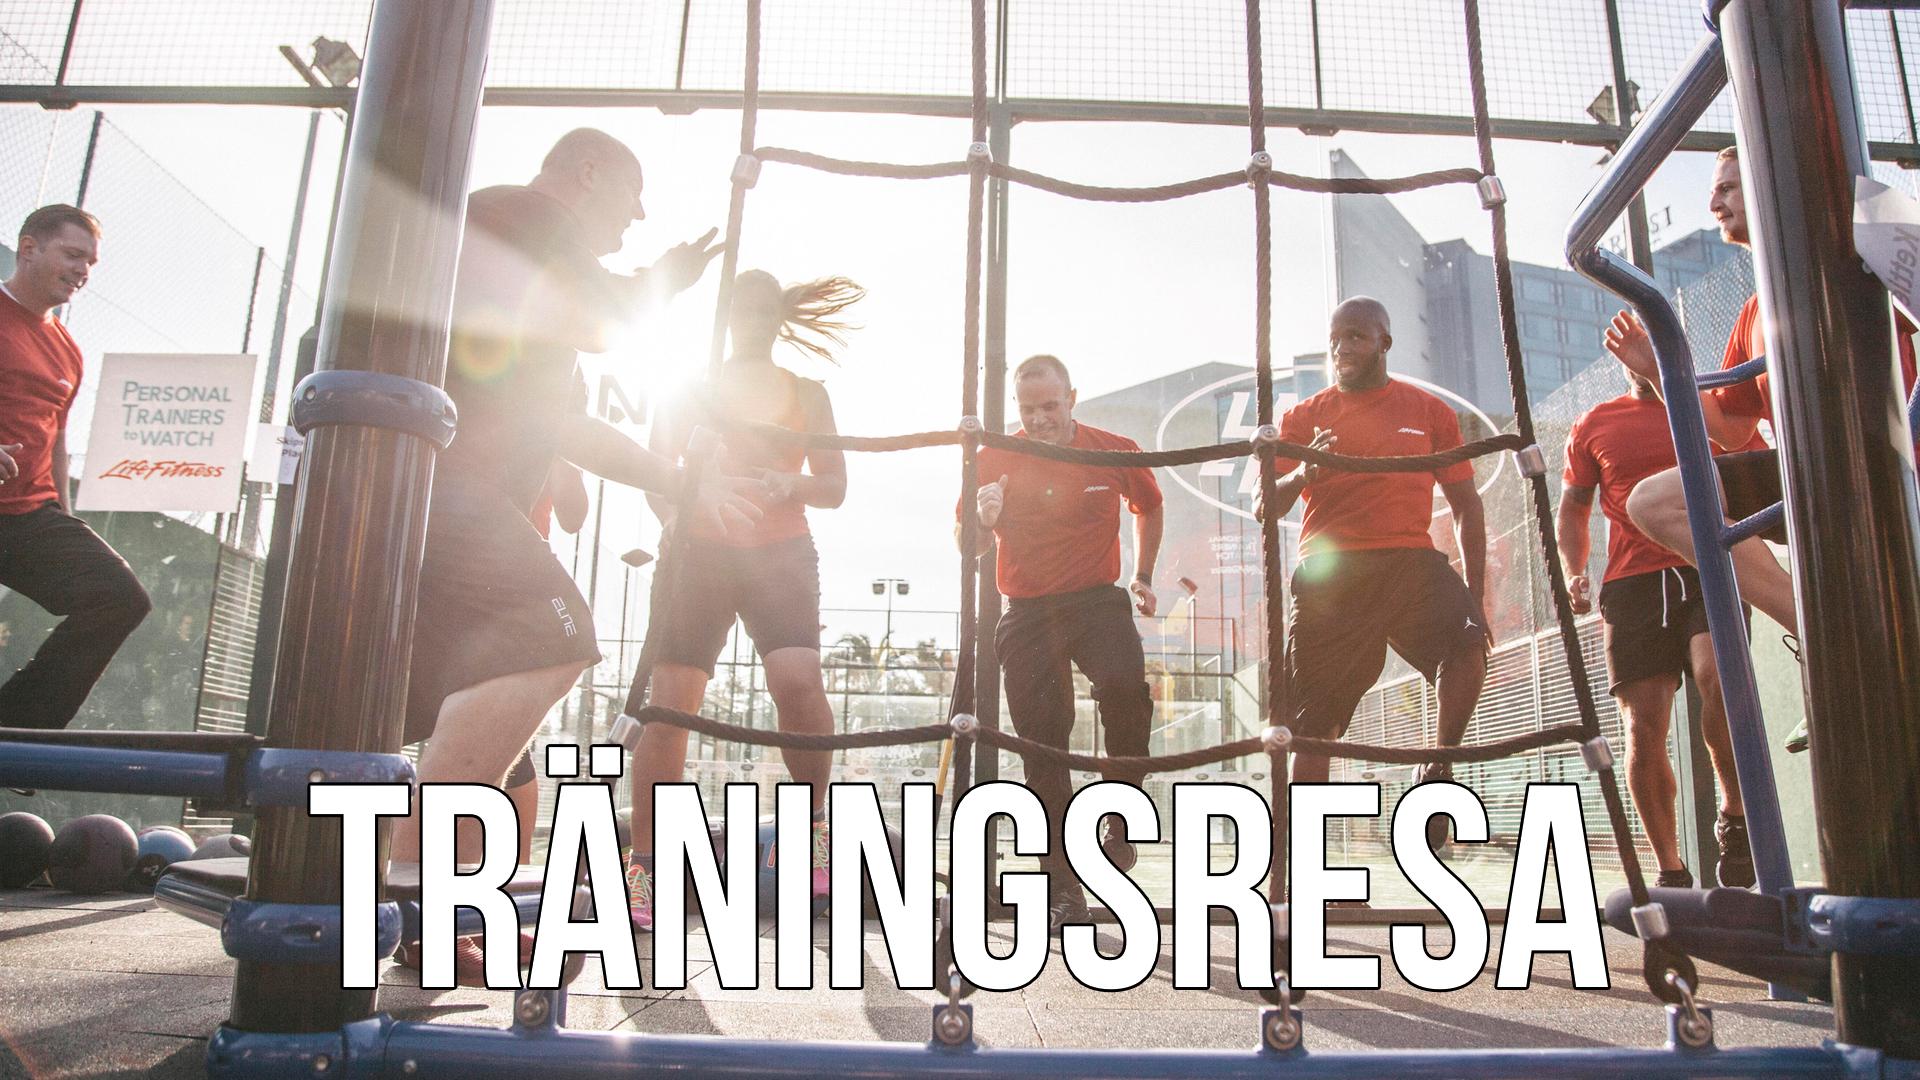 resa träning träningsresa kreta pt patrick rapp resia personlig träning tränare västerås hälsa diet crossfit